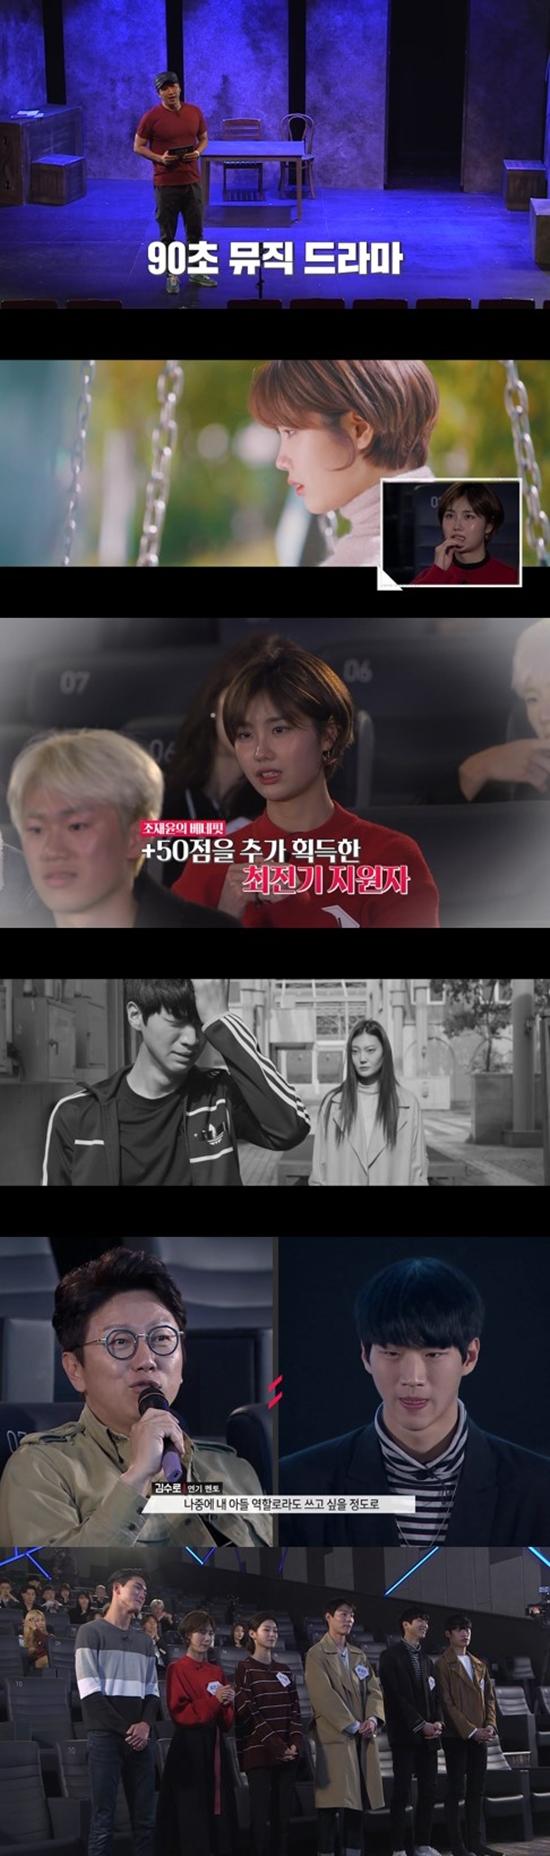 '슈퍼모델' 최진기X강연호, 남다른 연기력으로 '강한 존재감'